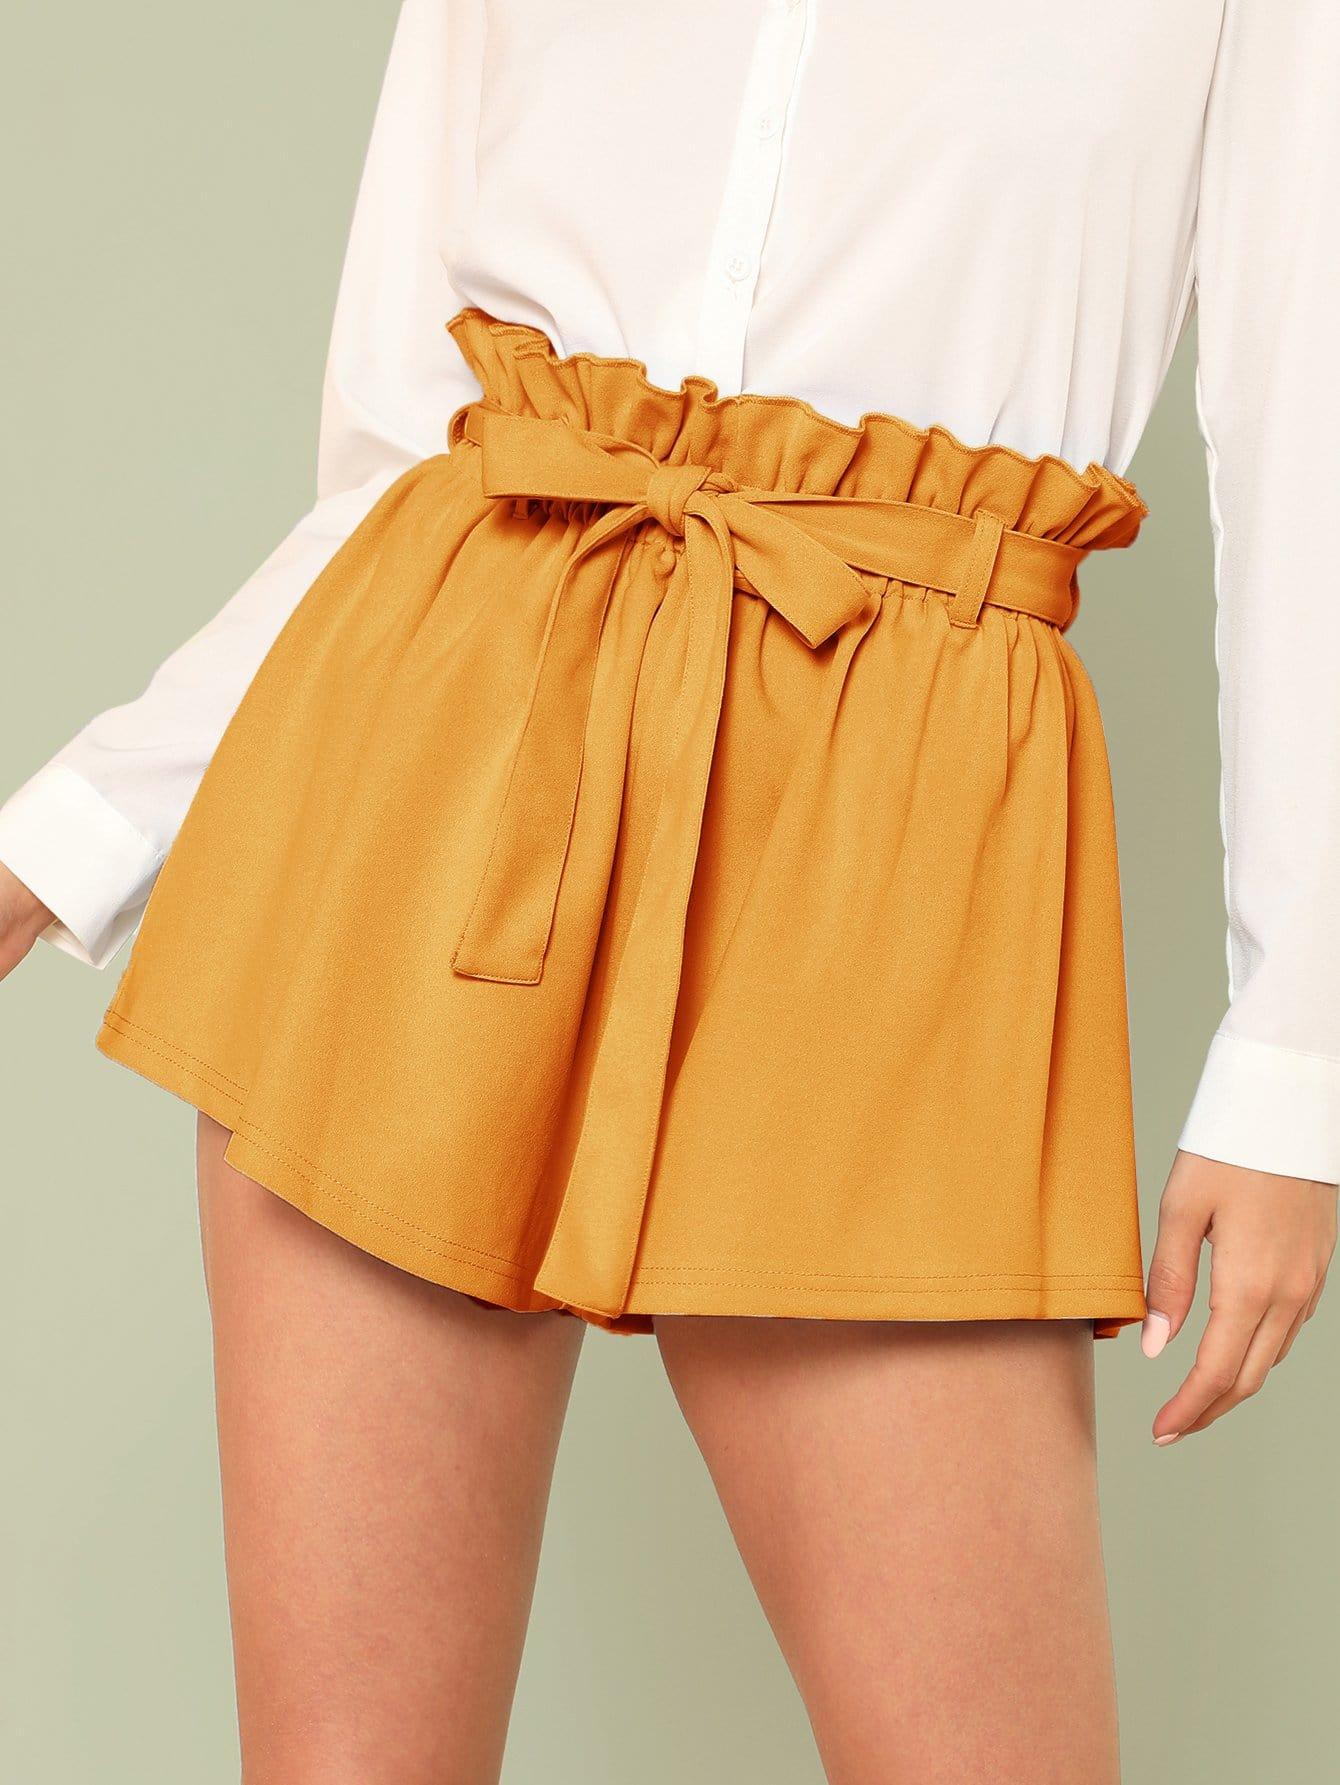 Ruffle Trim Self Tie Waist Shorts self tie waist ruffle skirt